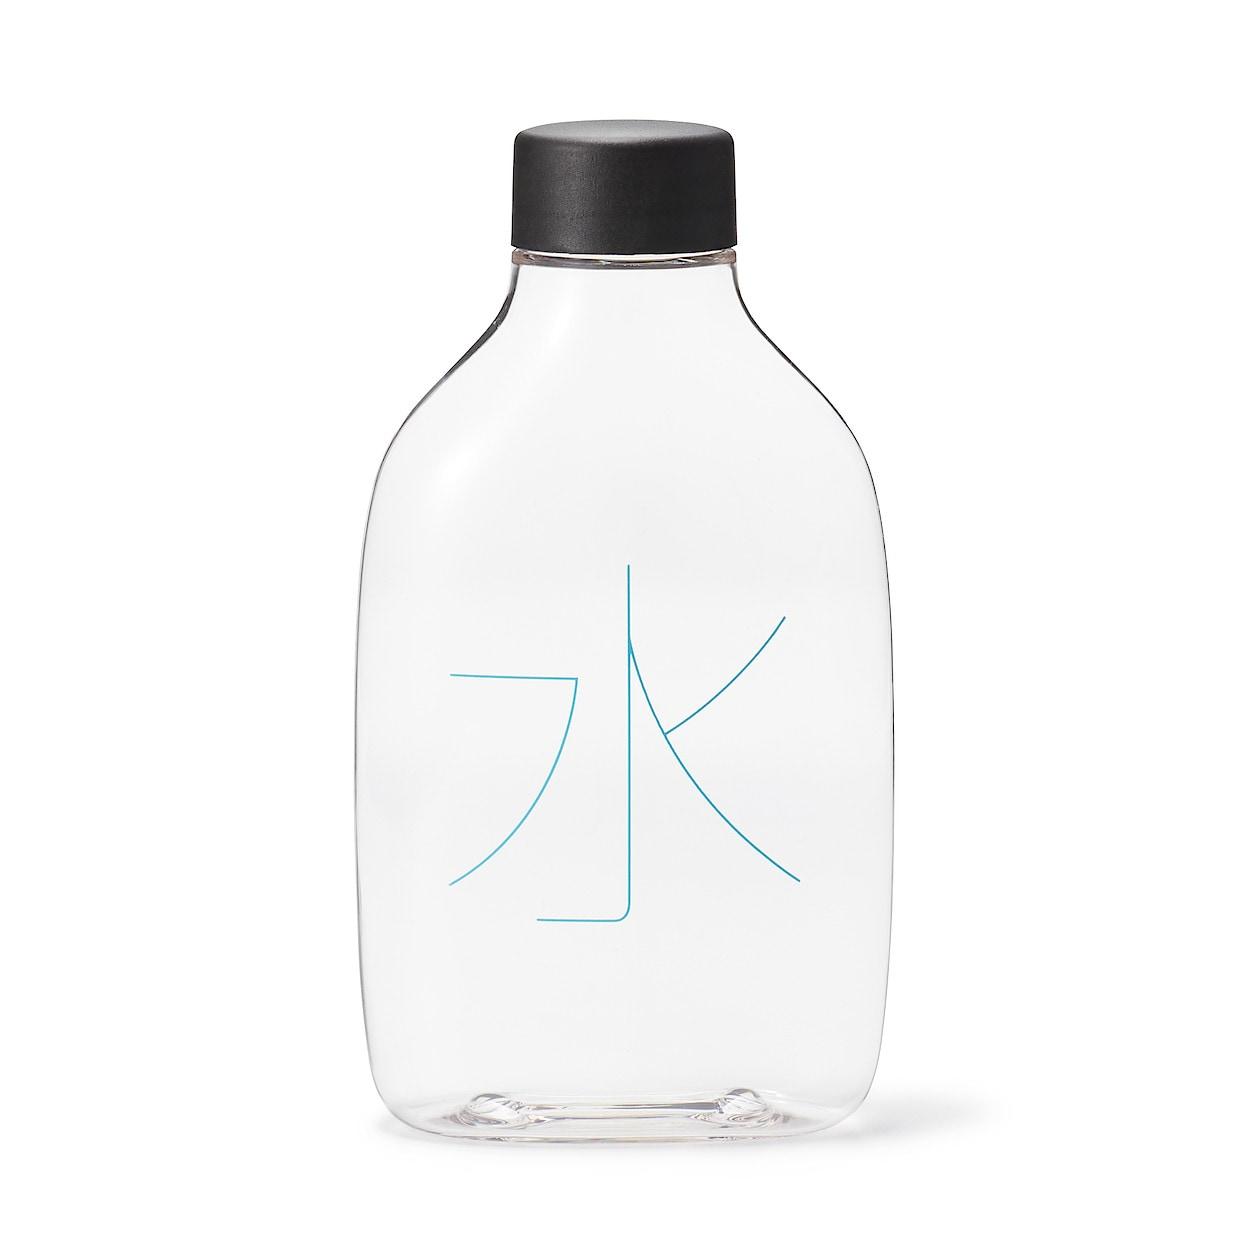 自分で詰める水のボトル